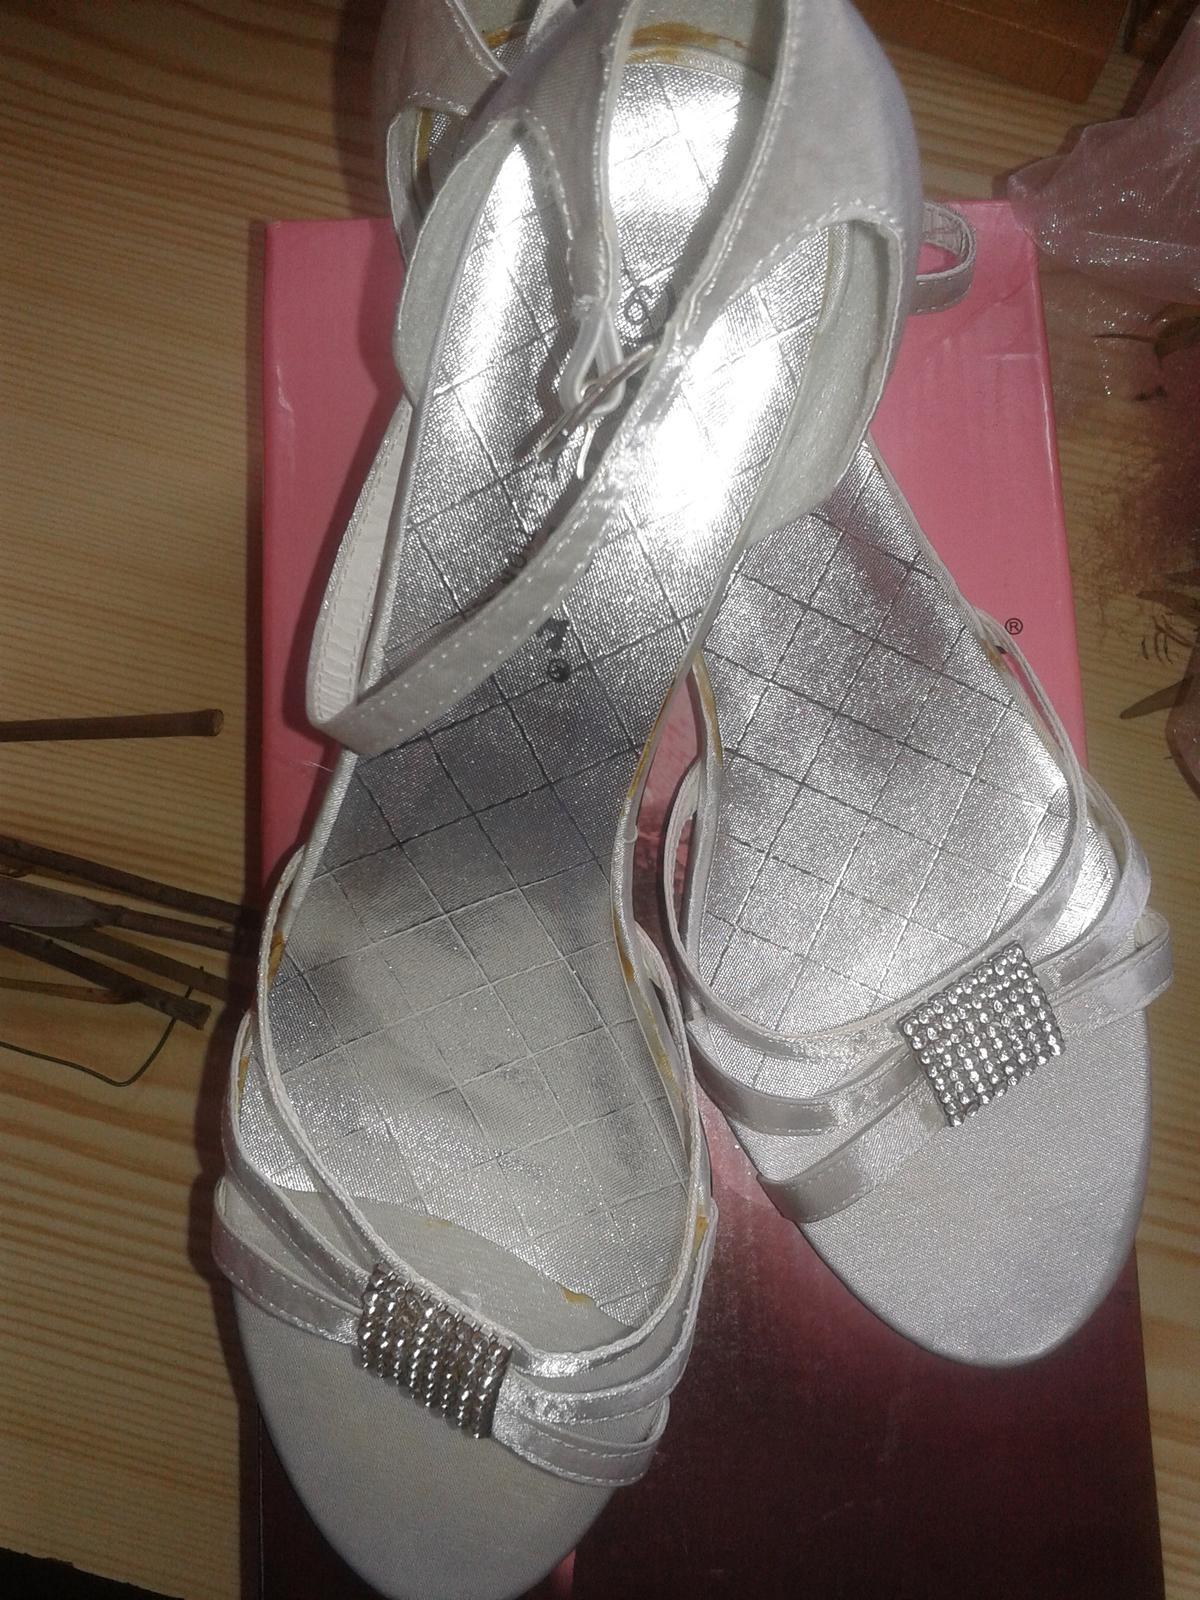 biele nizke sandalky 4.5 cm opatok, velkost 6 - Obrázok č. 1